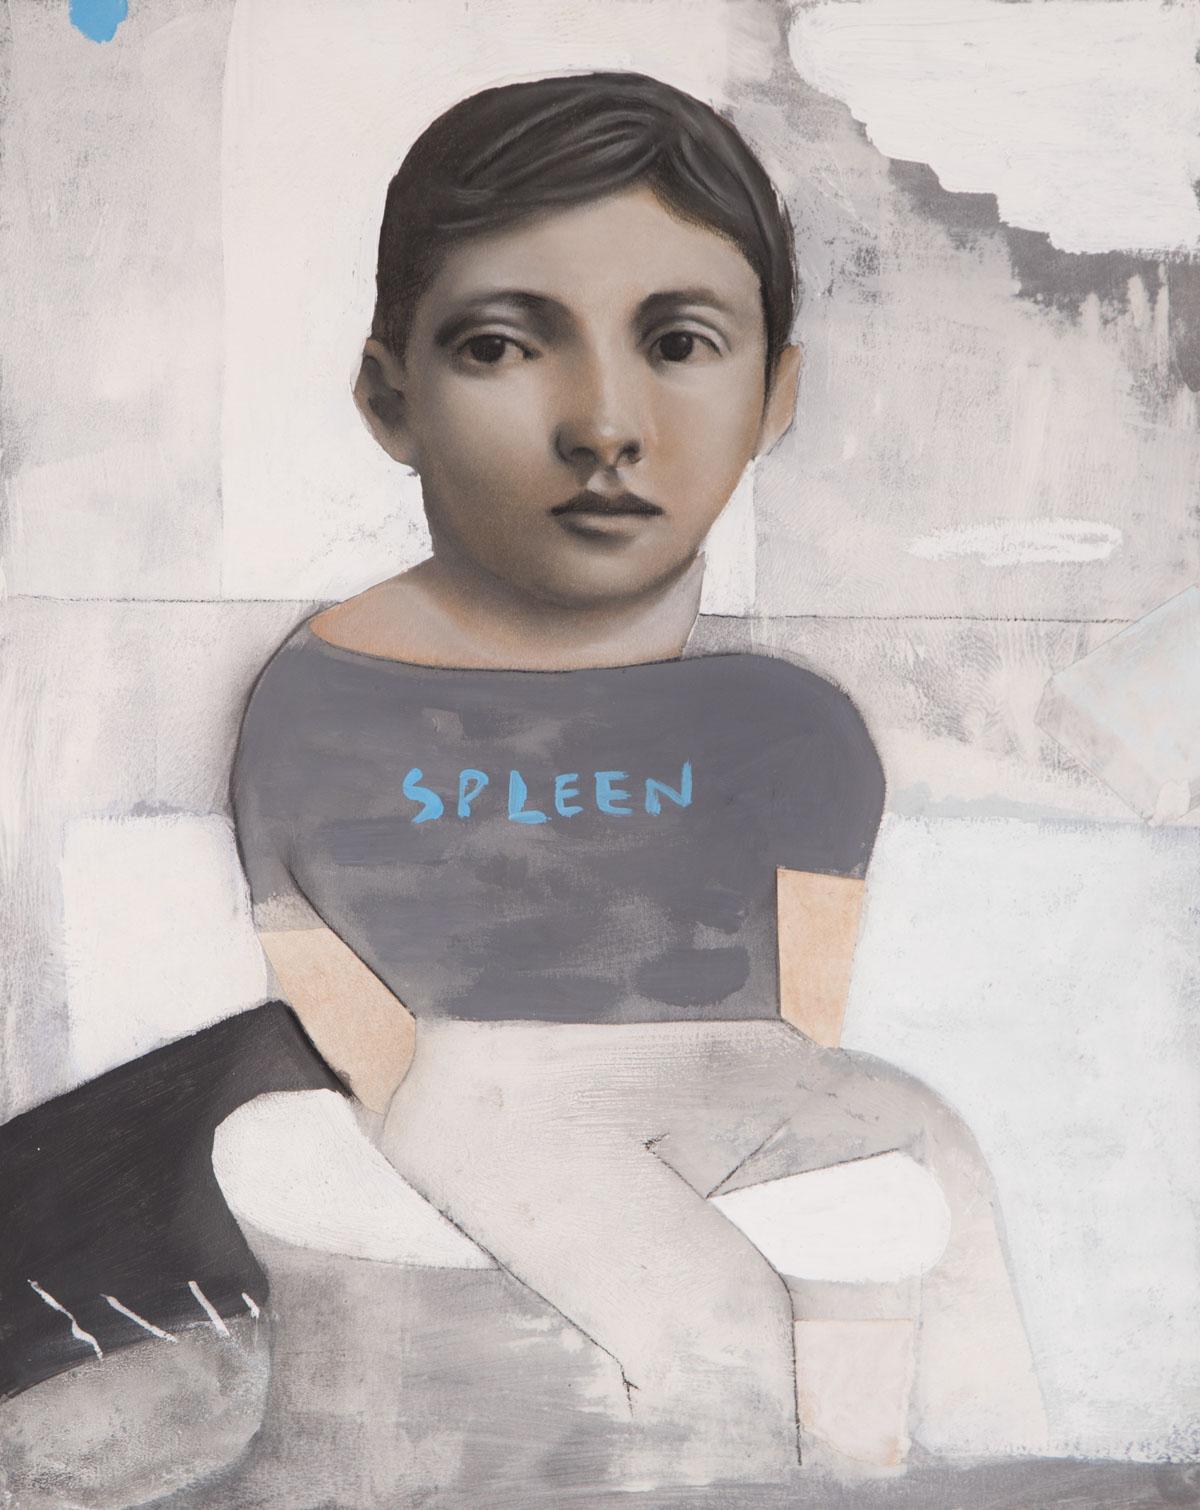 PÑ010 Spleen III Técnica mixta sobre papel 50 x 40 cm 2020